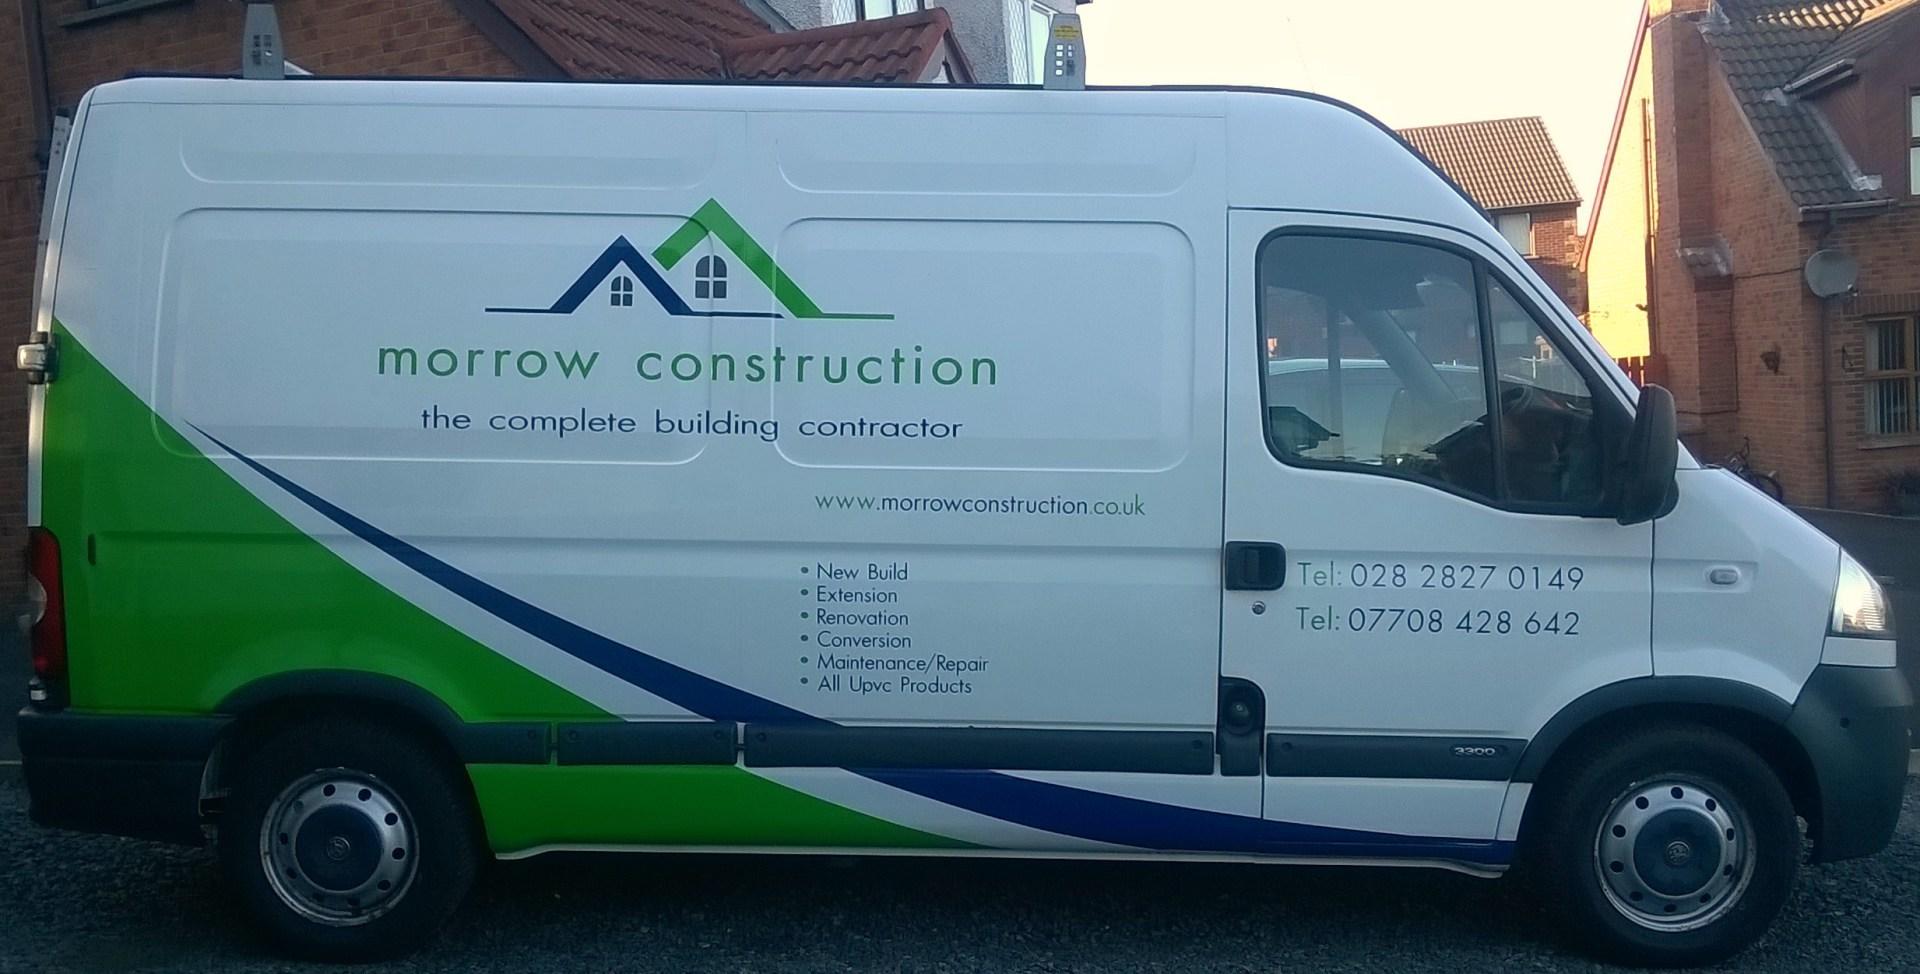 morrow construction